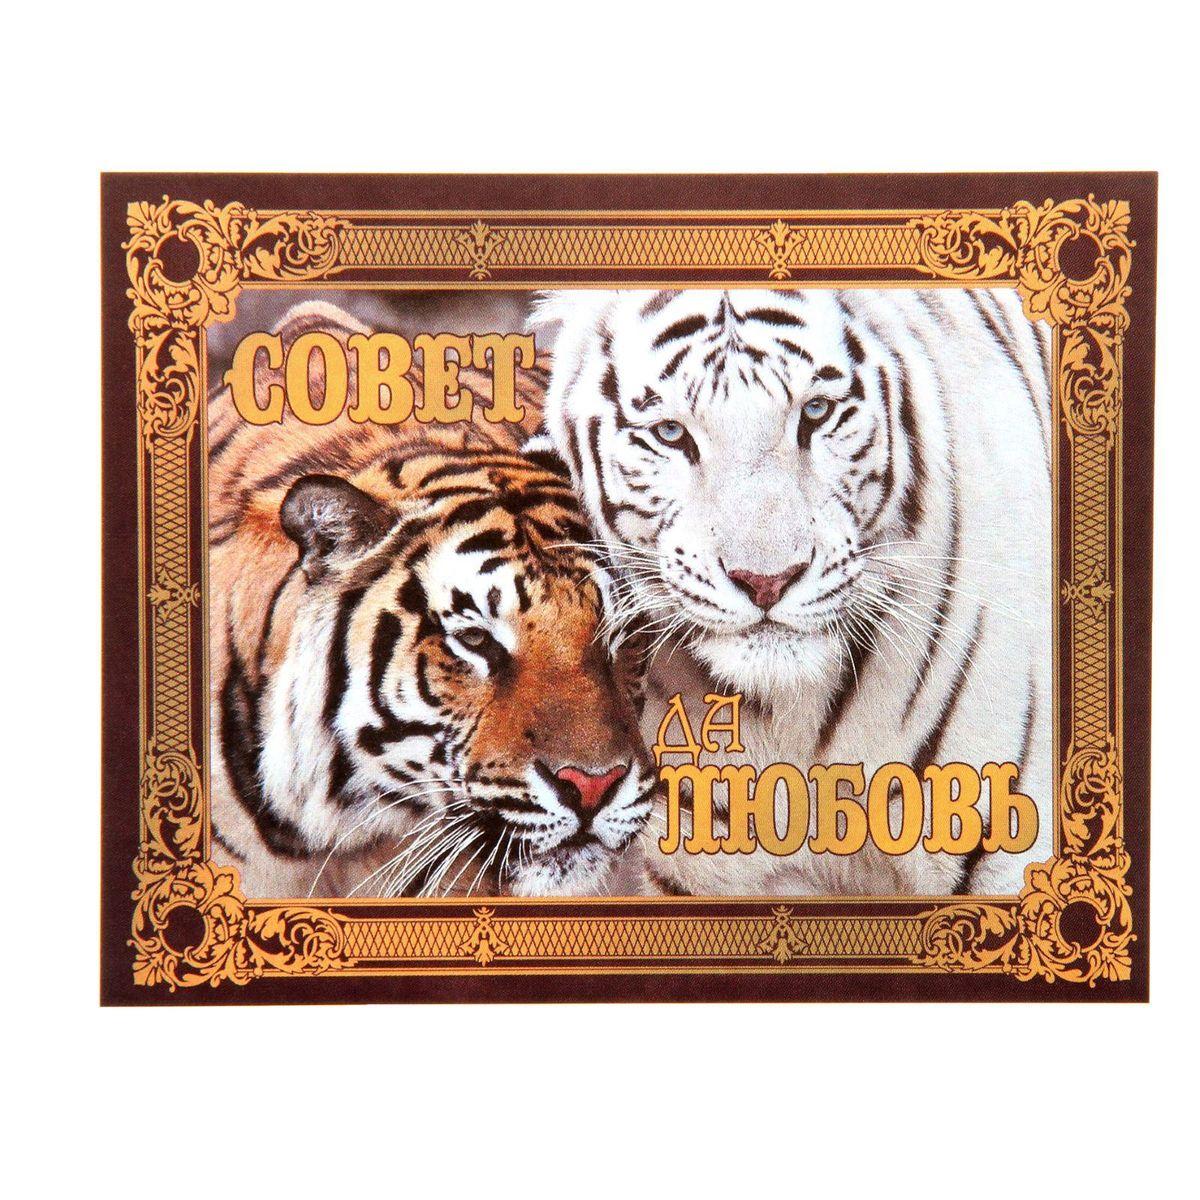 Наклейка на бутылку Sima-land Совет да любовь! Тигры, 9,4 х 11,7 см1162027Наклейка Sima-land Совет да любовь! Тигры, выполненная из бумаги, станет отличным аксессуаром, который преобразит обычную бутылку в праздничную и придаст вам особое настроение.